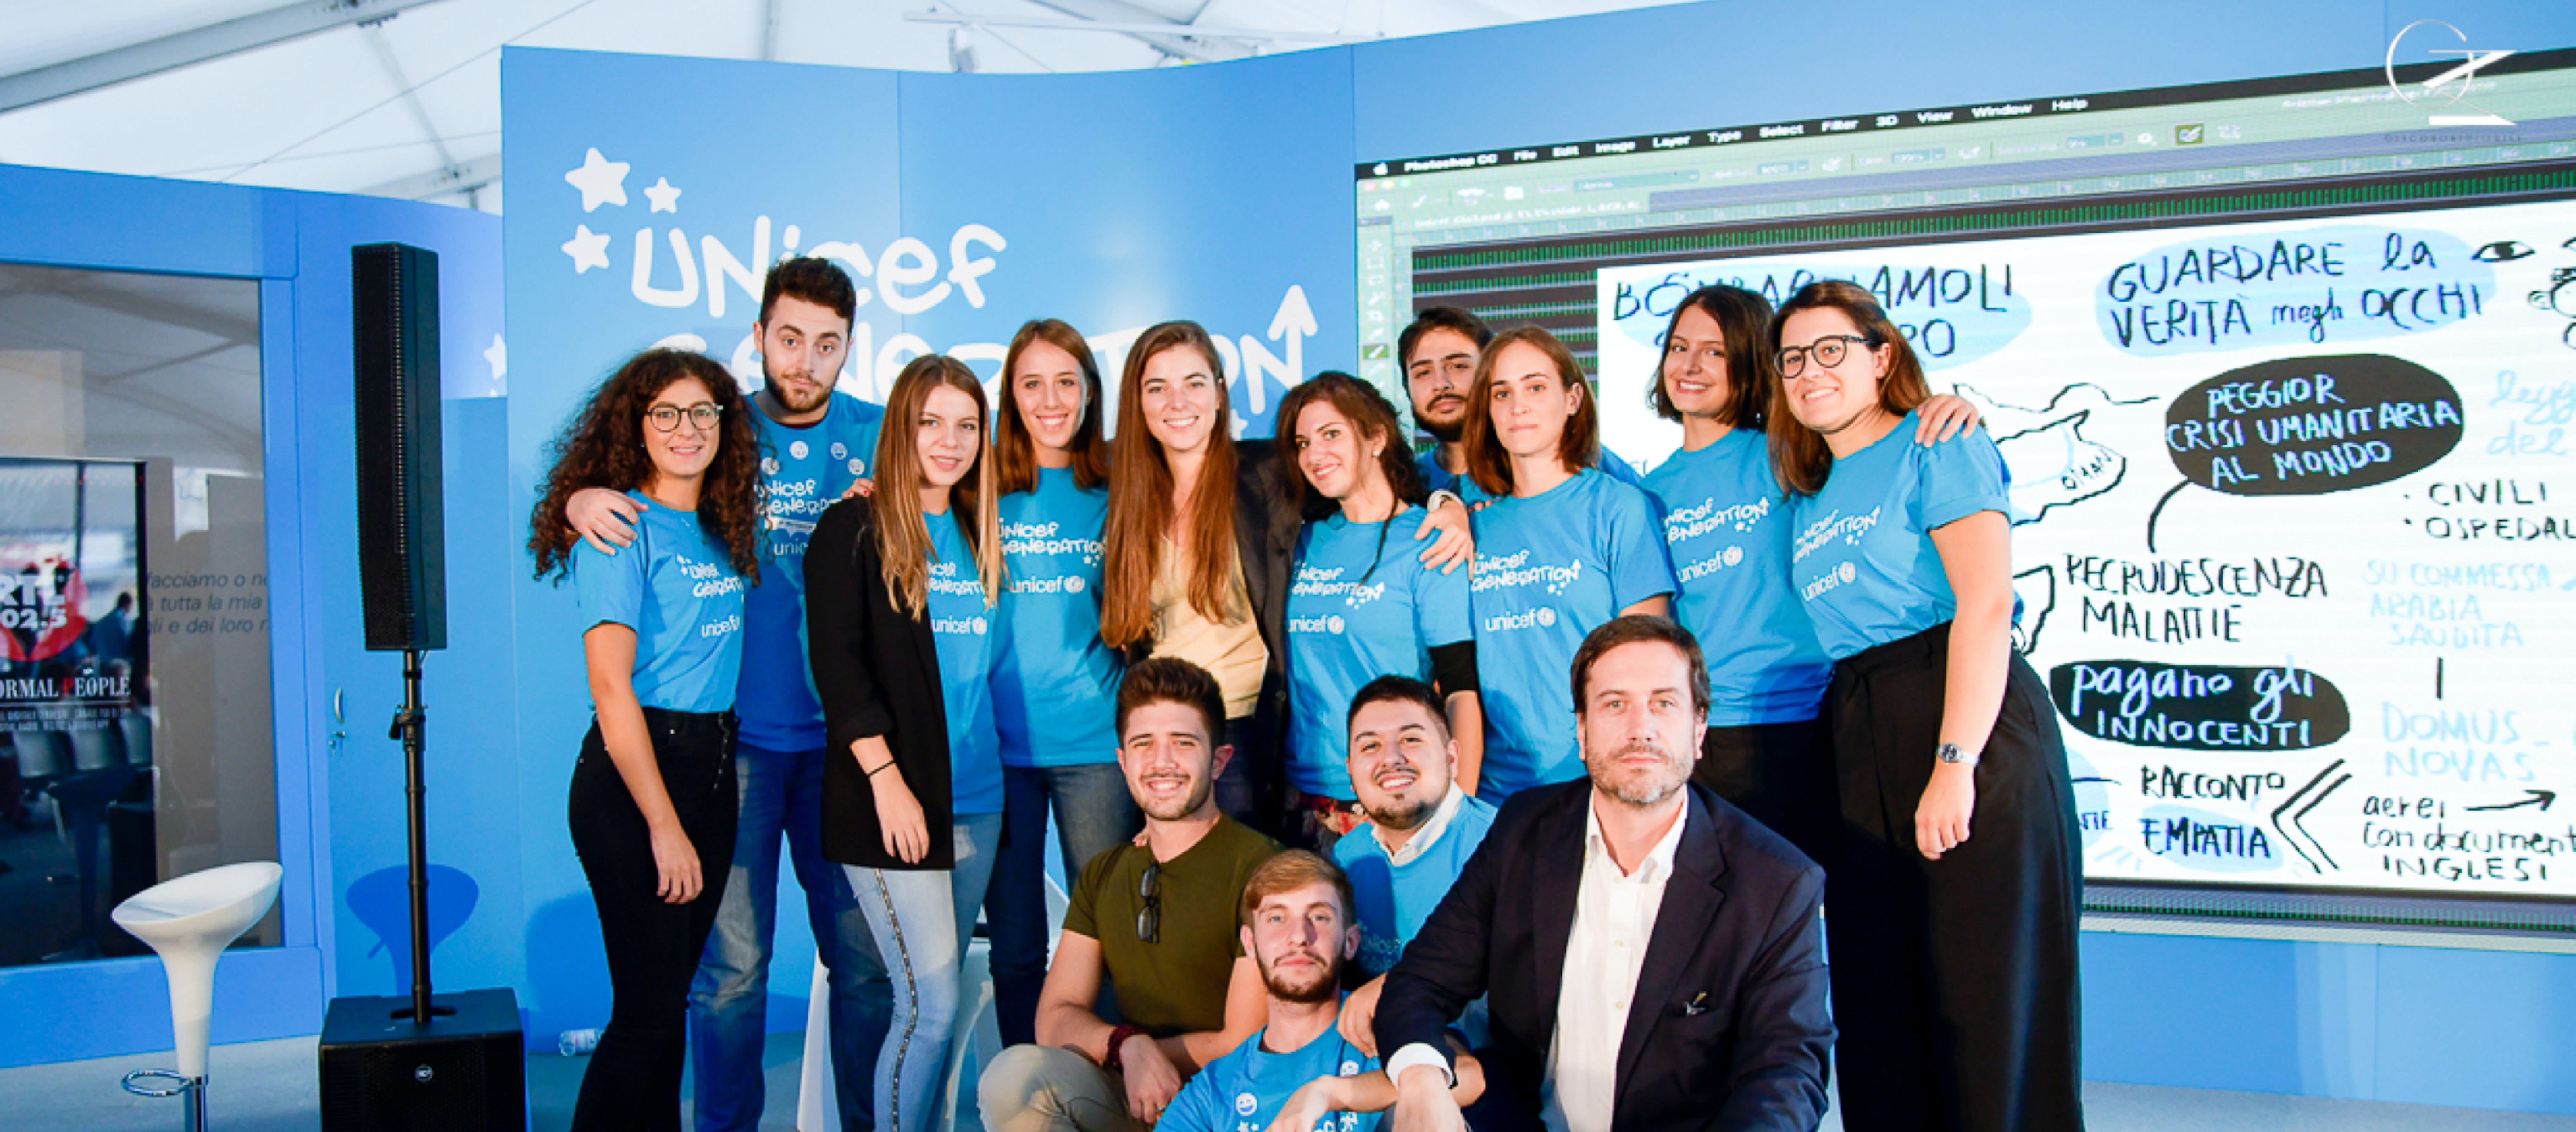 Gruppo di volontari UNICEF